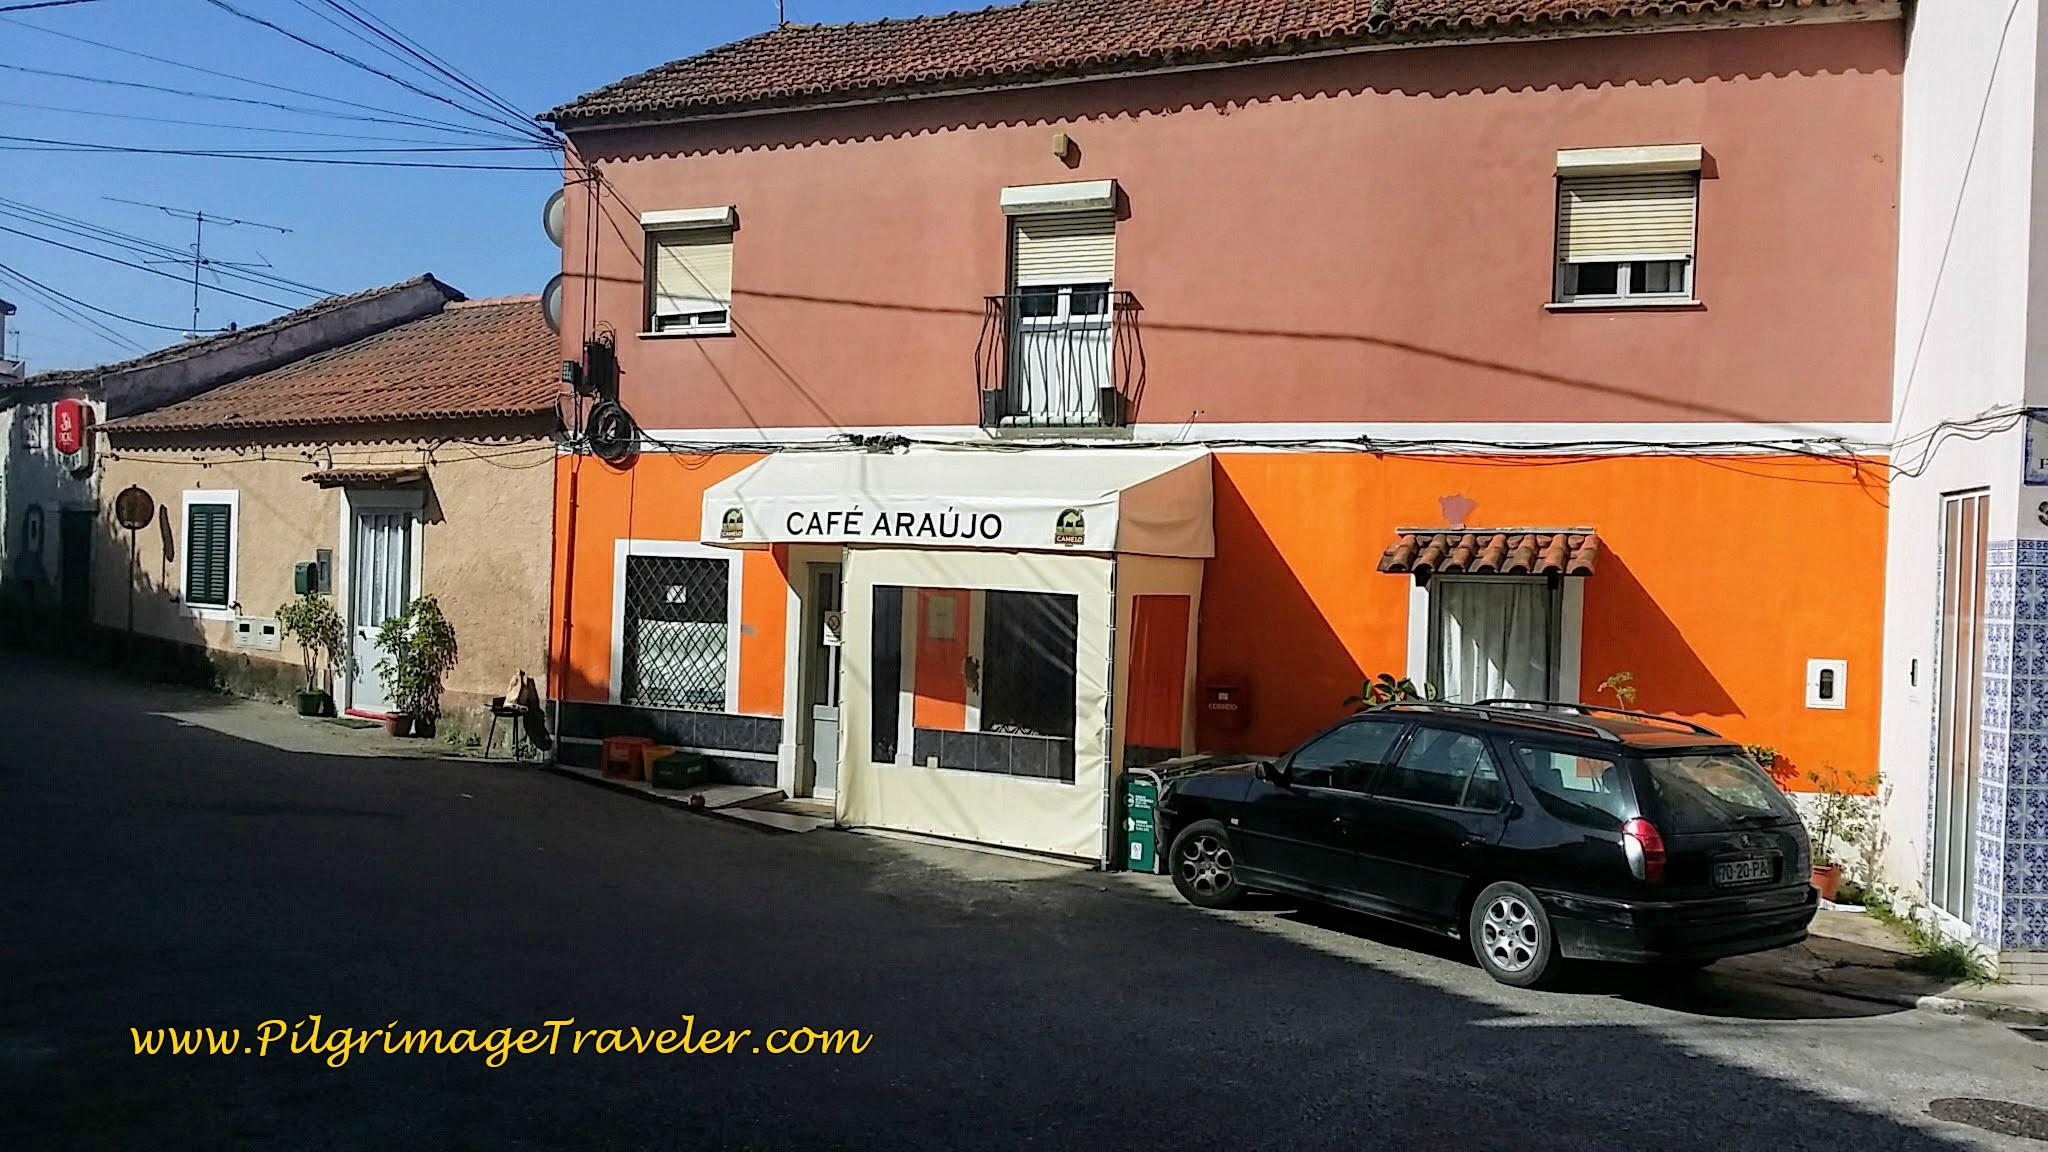 Café Araújo, Cruz dos Morouços, Portugal